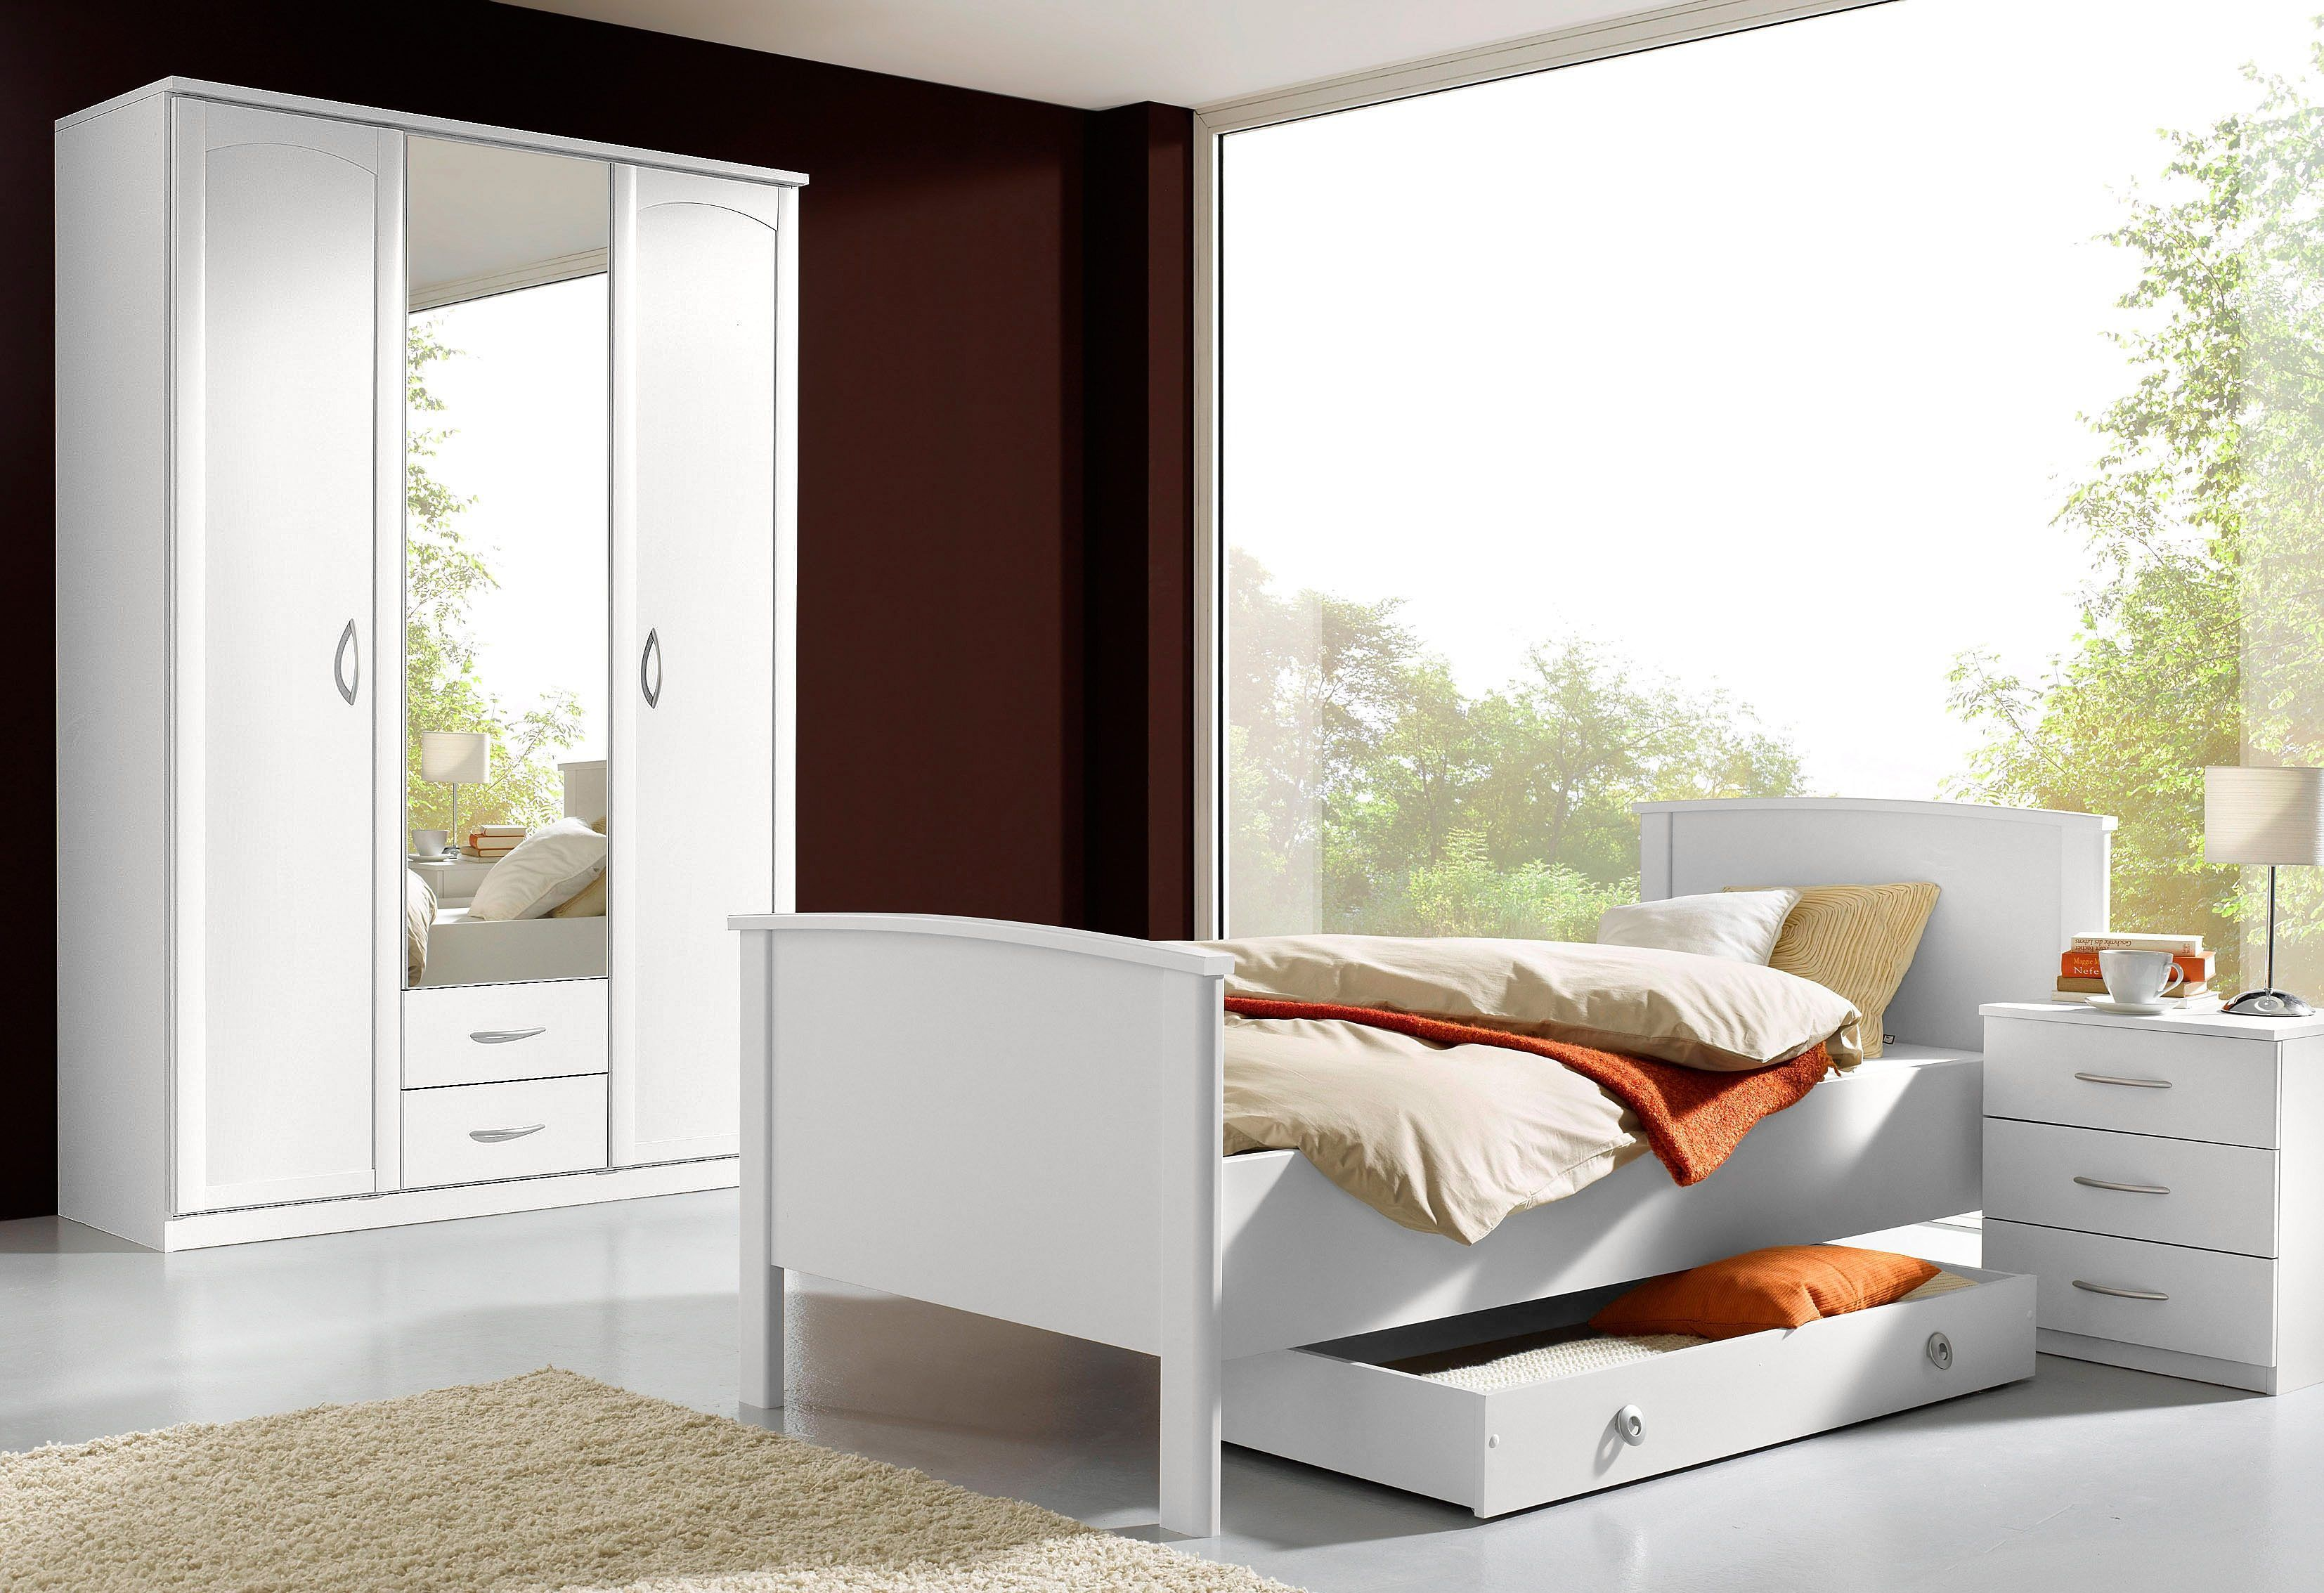 rauch SchlafzimmerSet (3tlg.) Jetzt bestellen unter